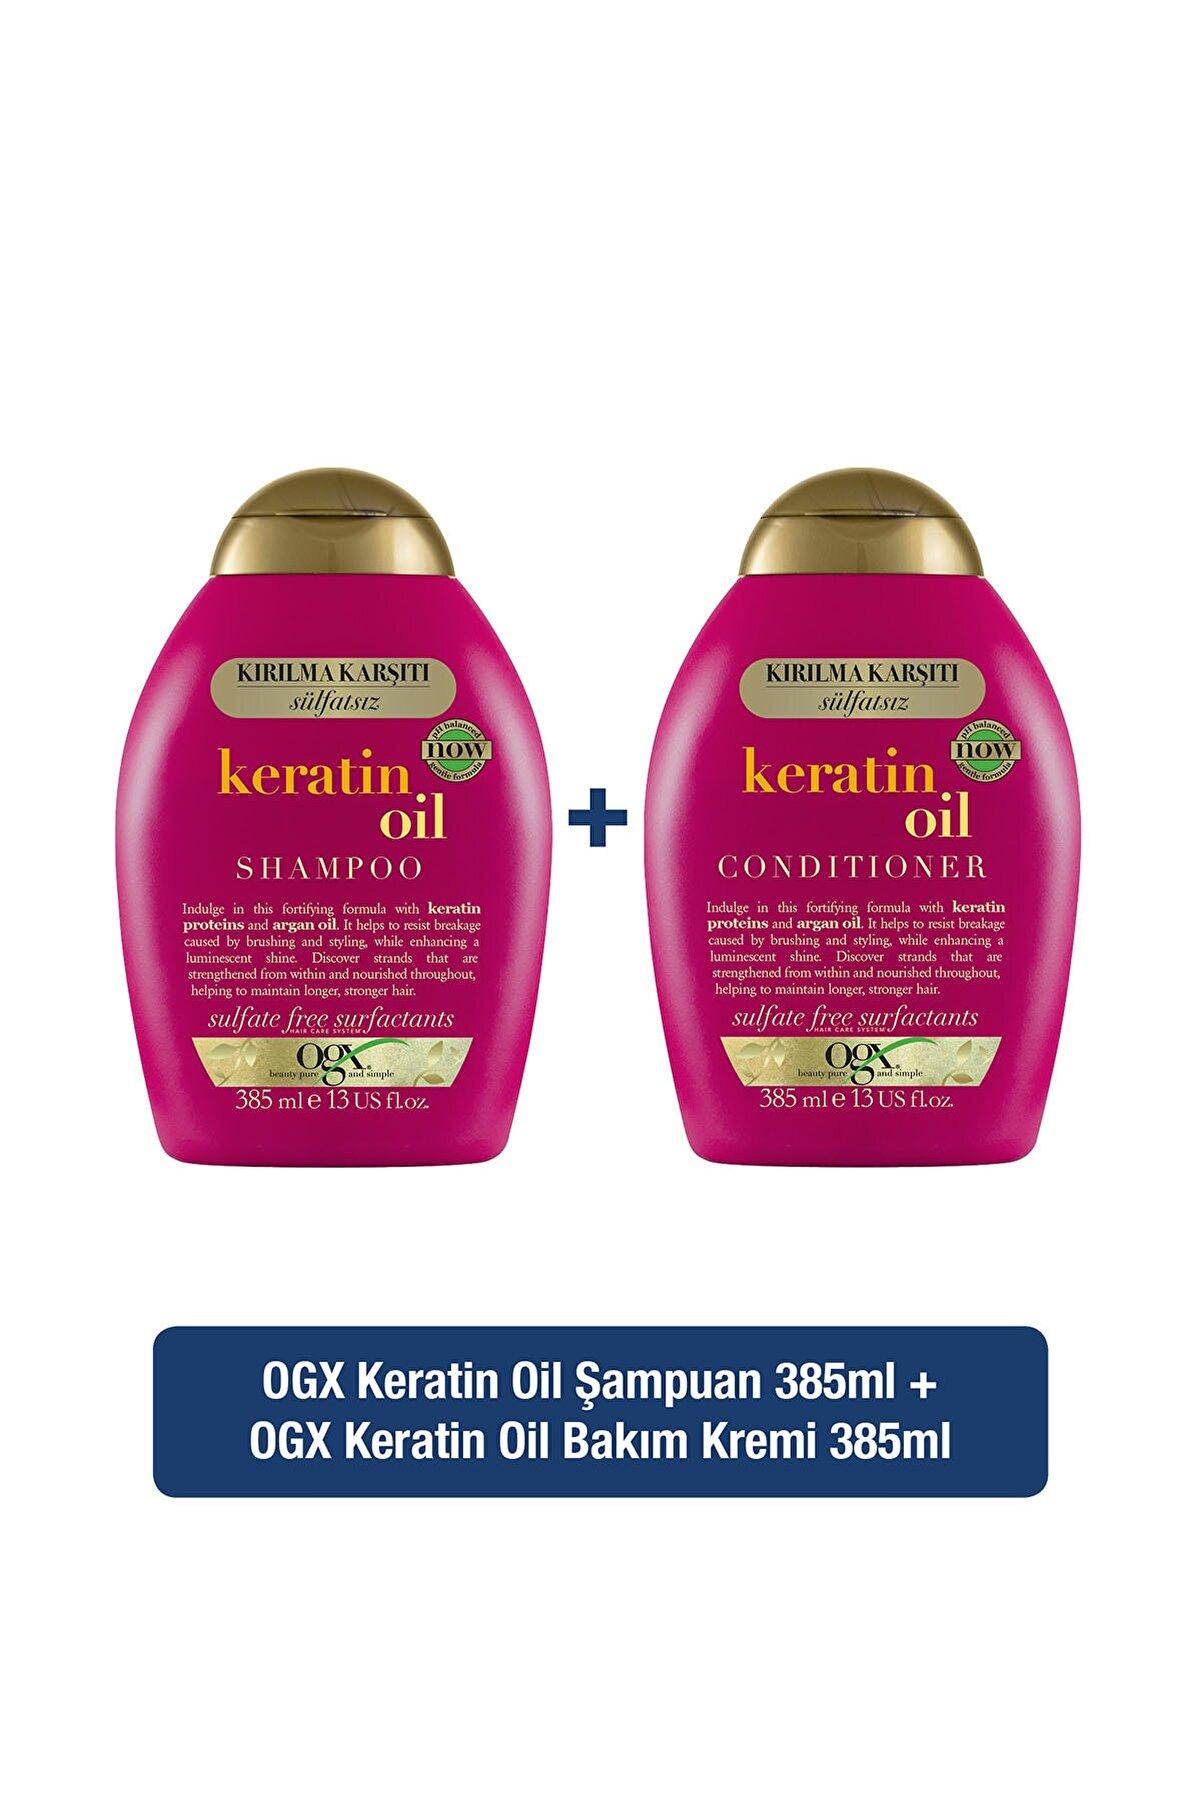 OGX Kırılma Karşıtı Keratin Oil Sülfatsız Şampuan 385ml + Bakım Kremi 385ml